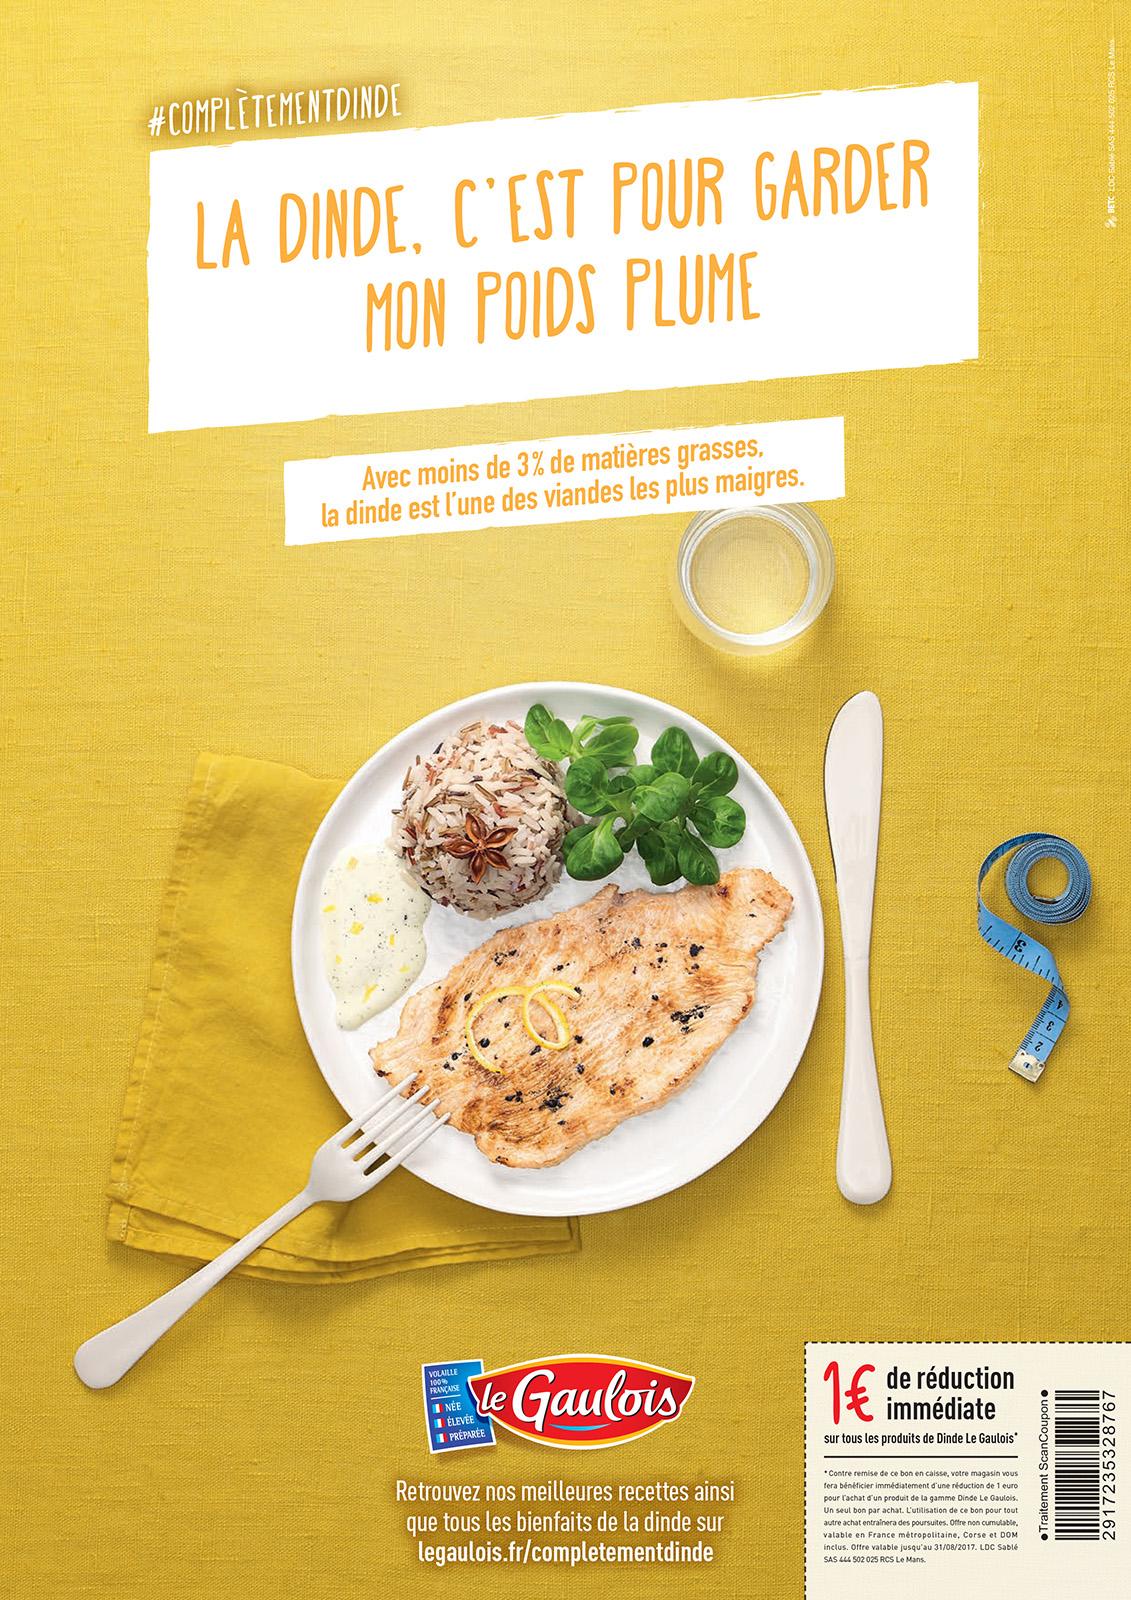 Cecile-et-guillaume_onfaitdesimages-valerie-paumelle-agent-photographe-culinaire (5).jpg